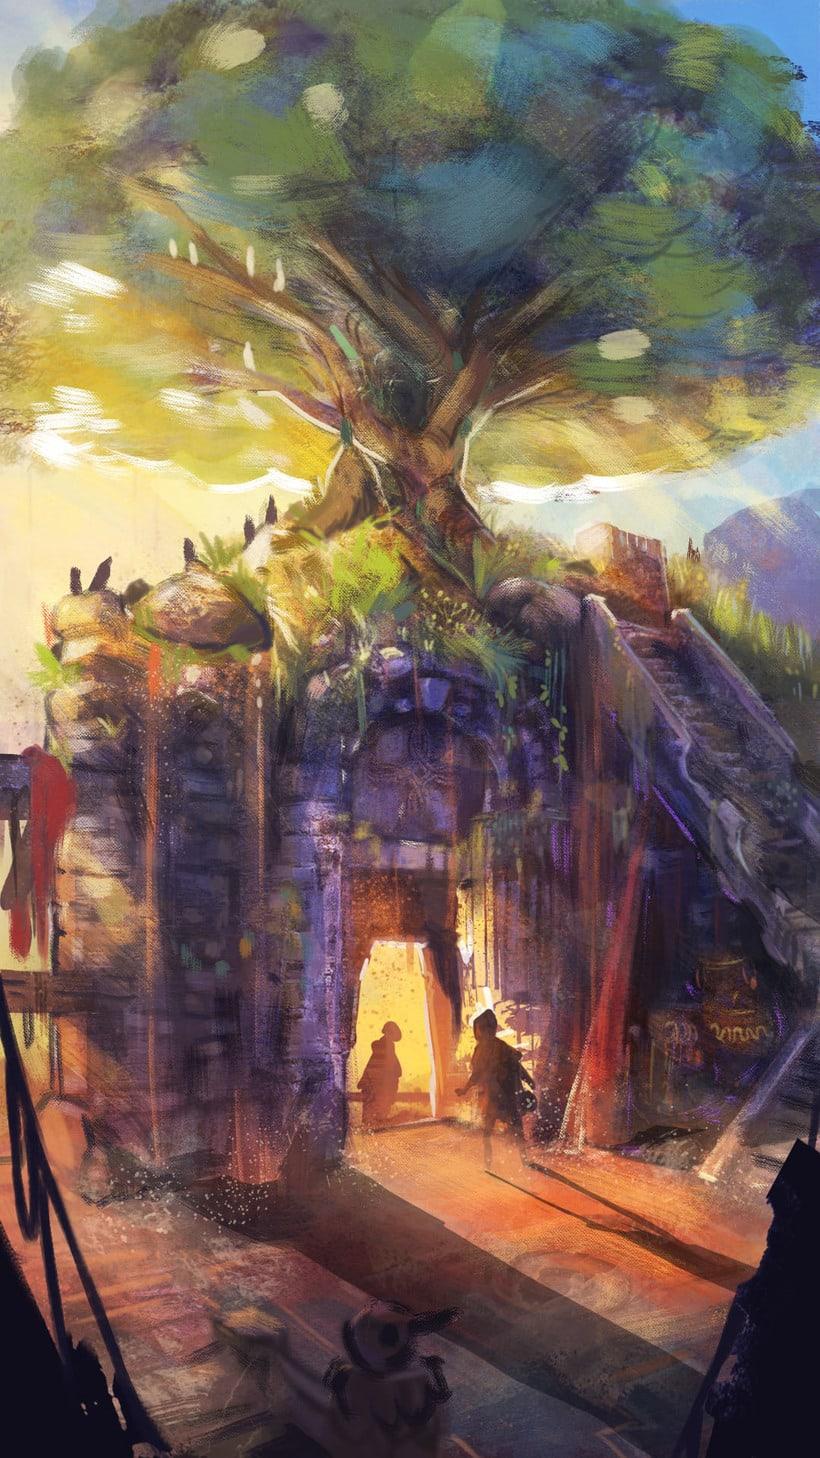 Mi Proyecto del curso: Concept art para videojuegos AAA 1